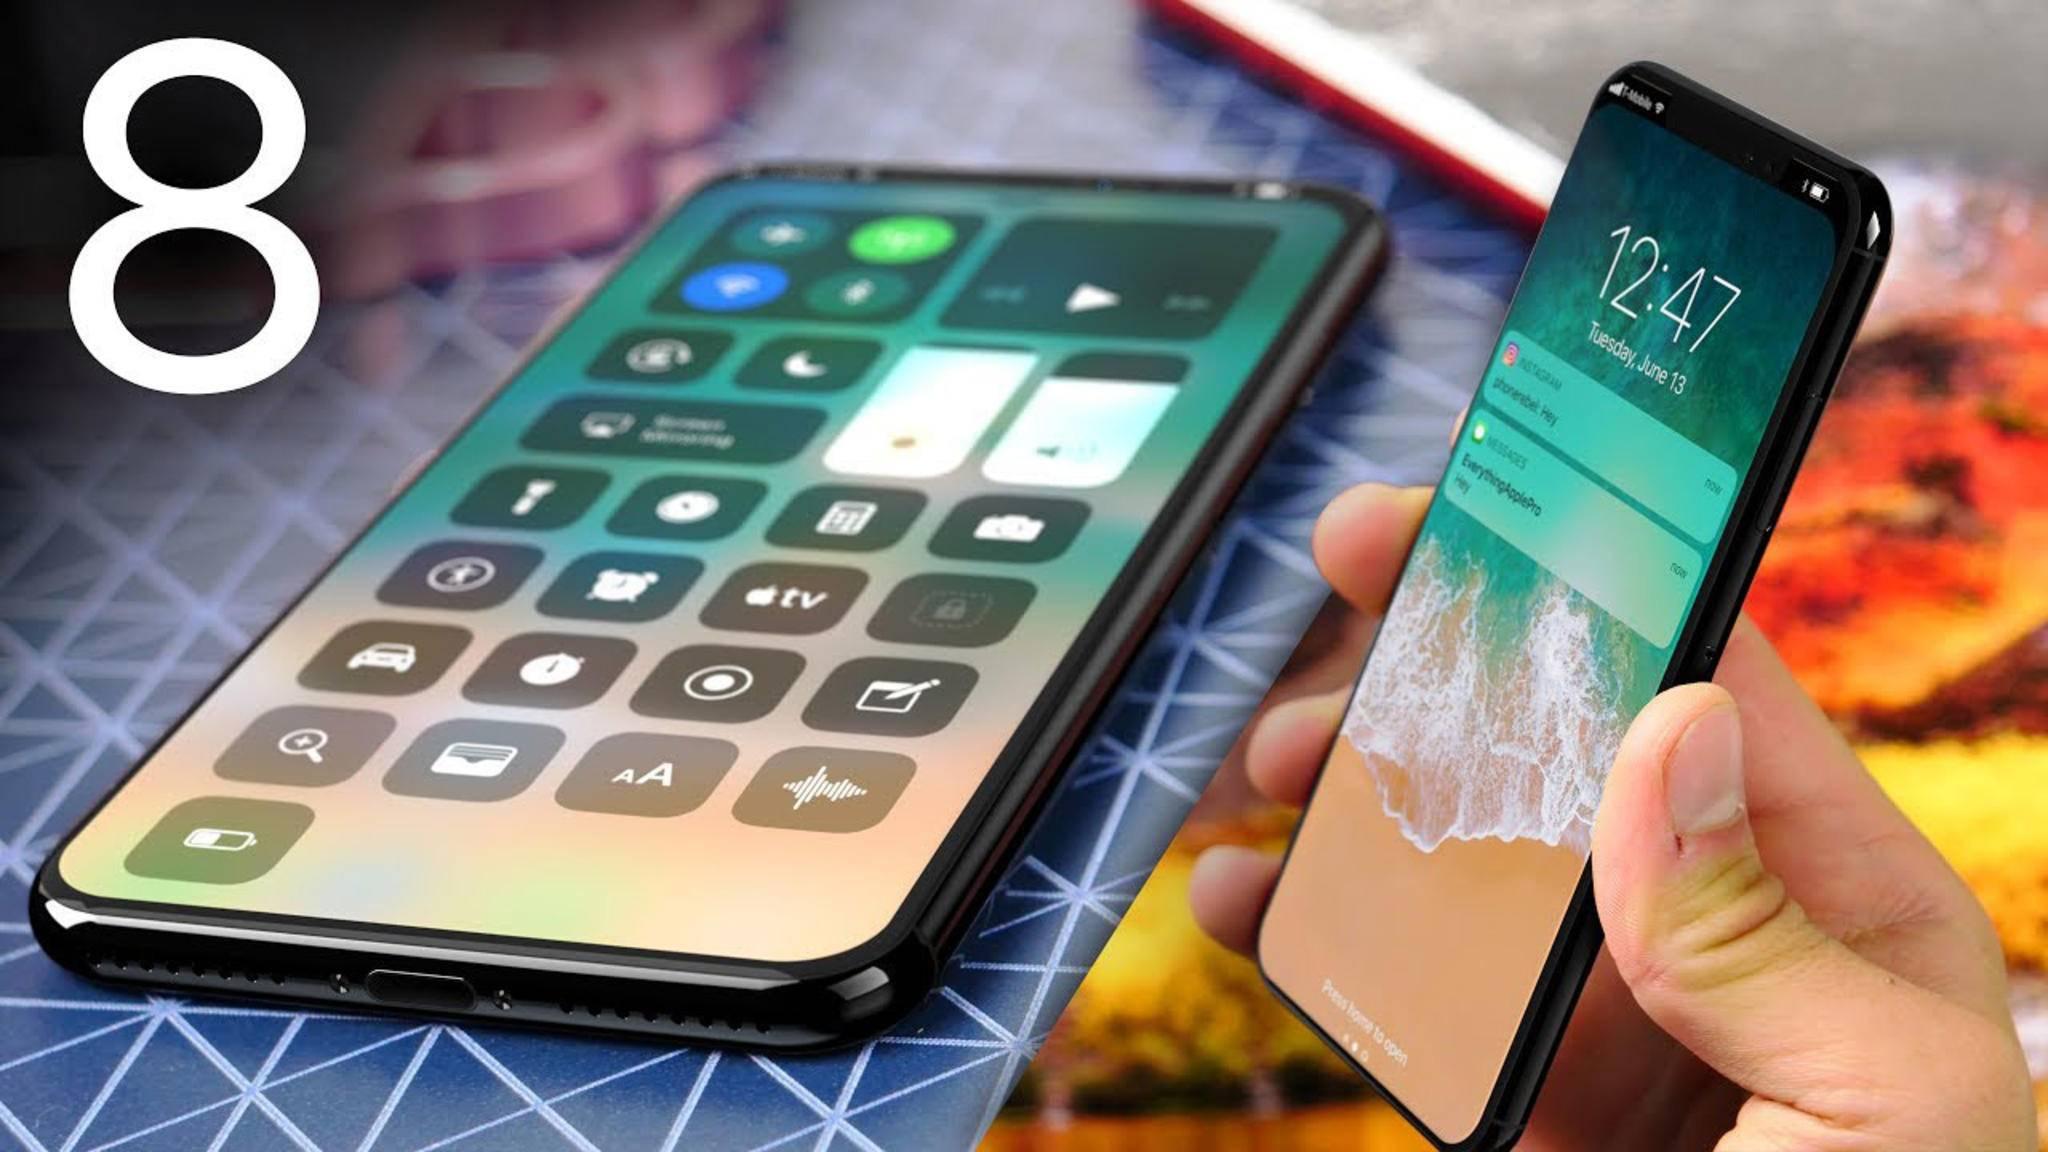 Selbst die Firmware des Apple HomePod bestätigt jetzt das Randlos-Design des iPhone 8.